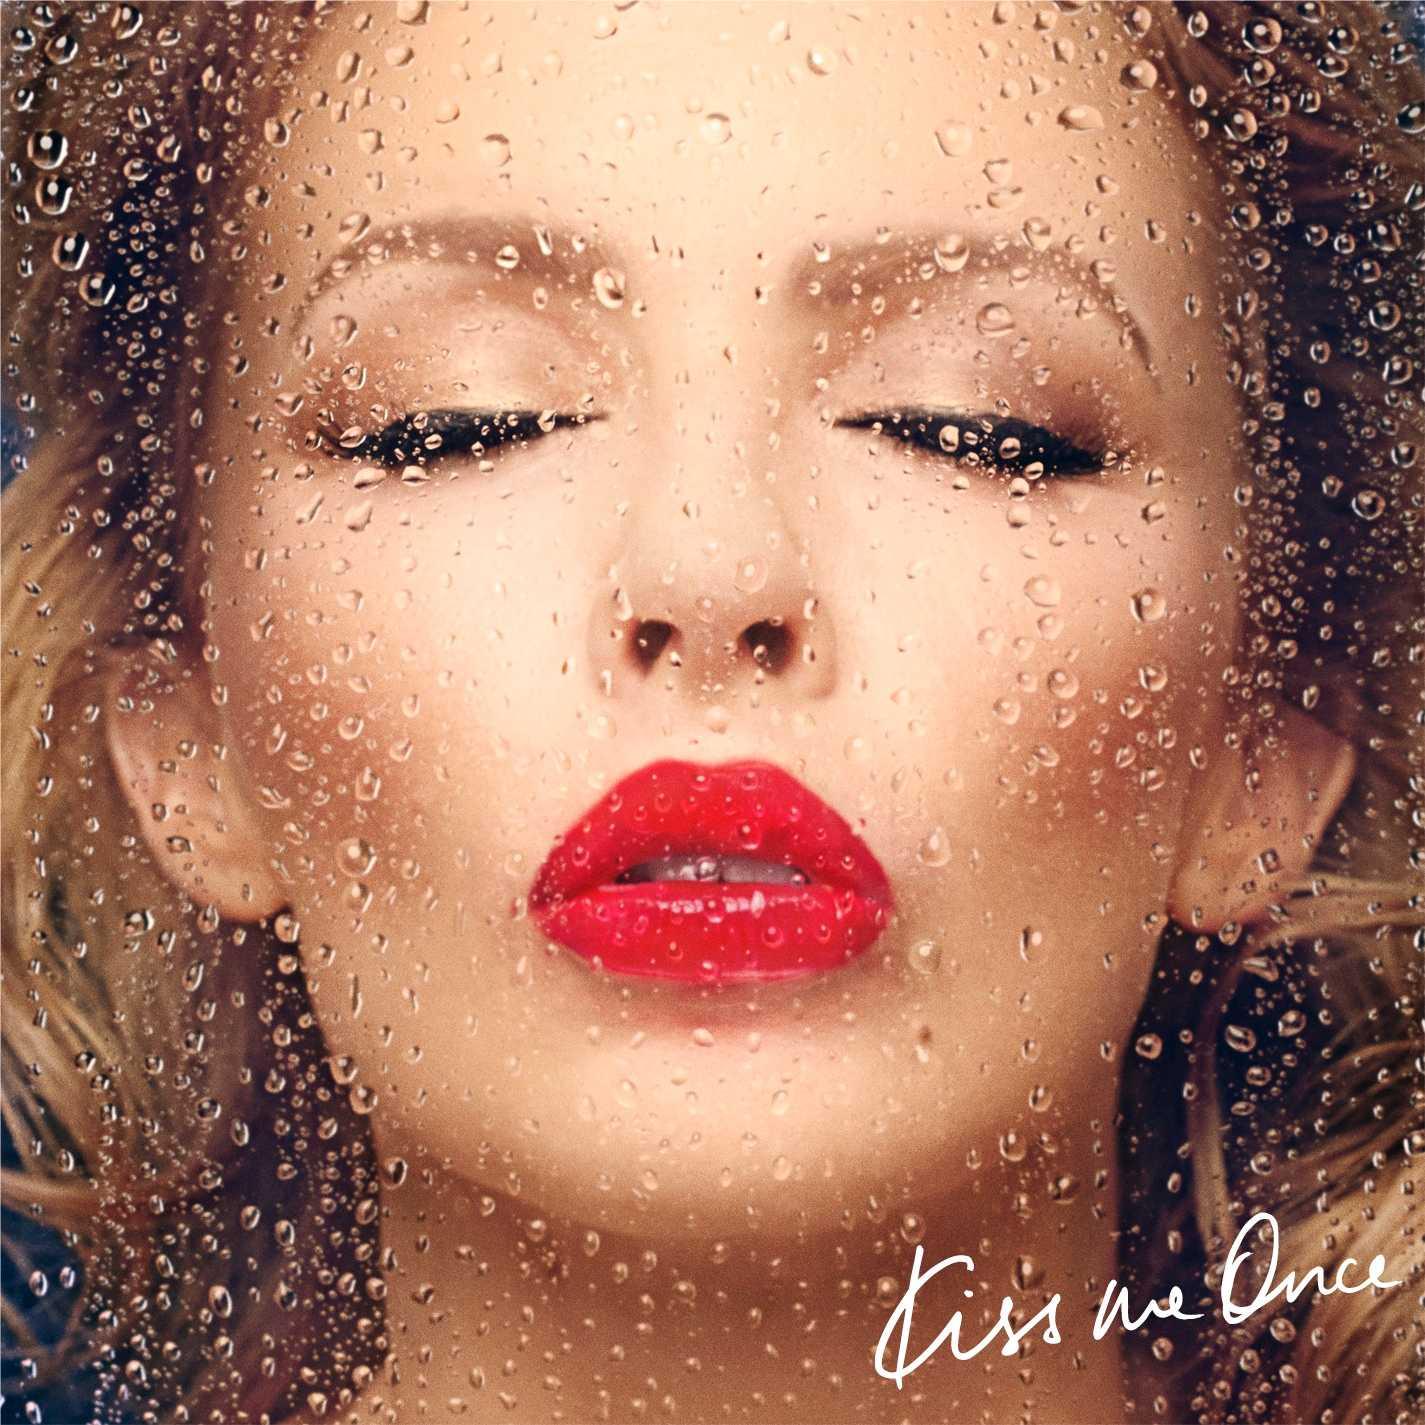 """Omslaget till Kylies nya skiva """"Kiss me once"""". De röda läpparna pryds med KMO."""